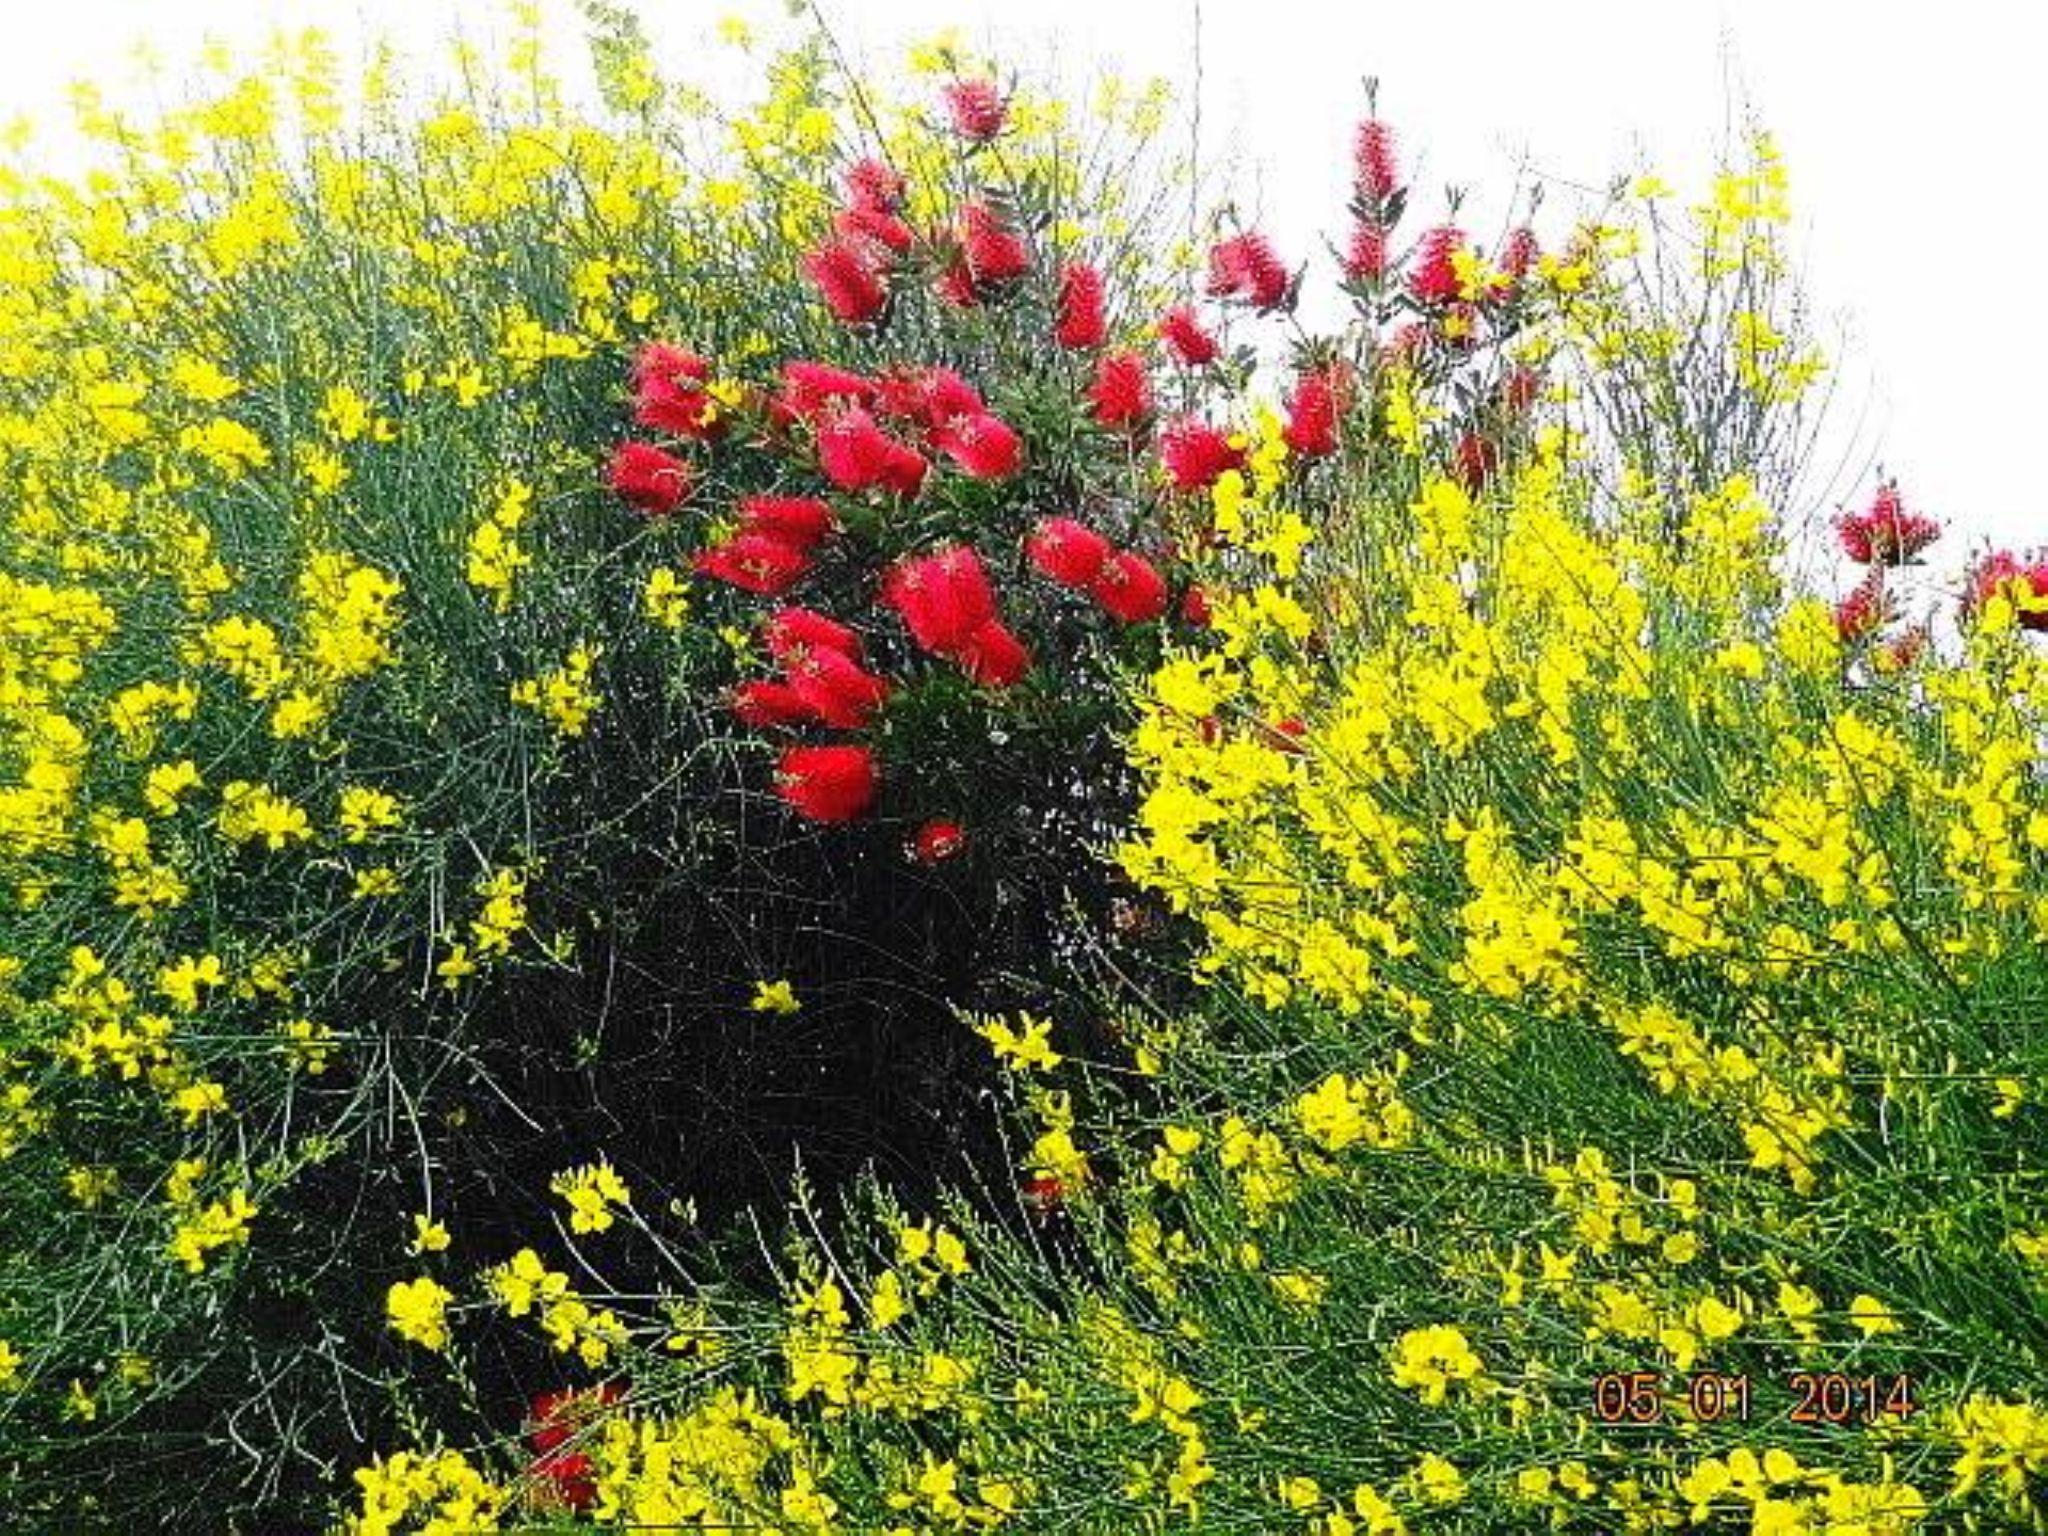 Un po' di giallo,un po' di rosso..... by ignazio cruccas